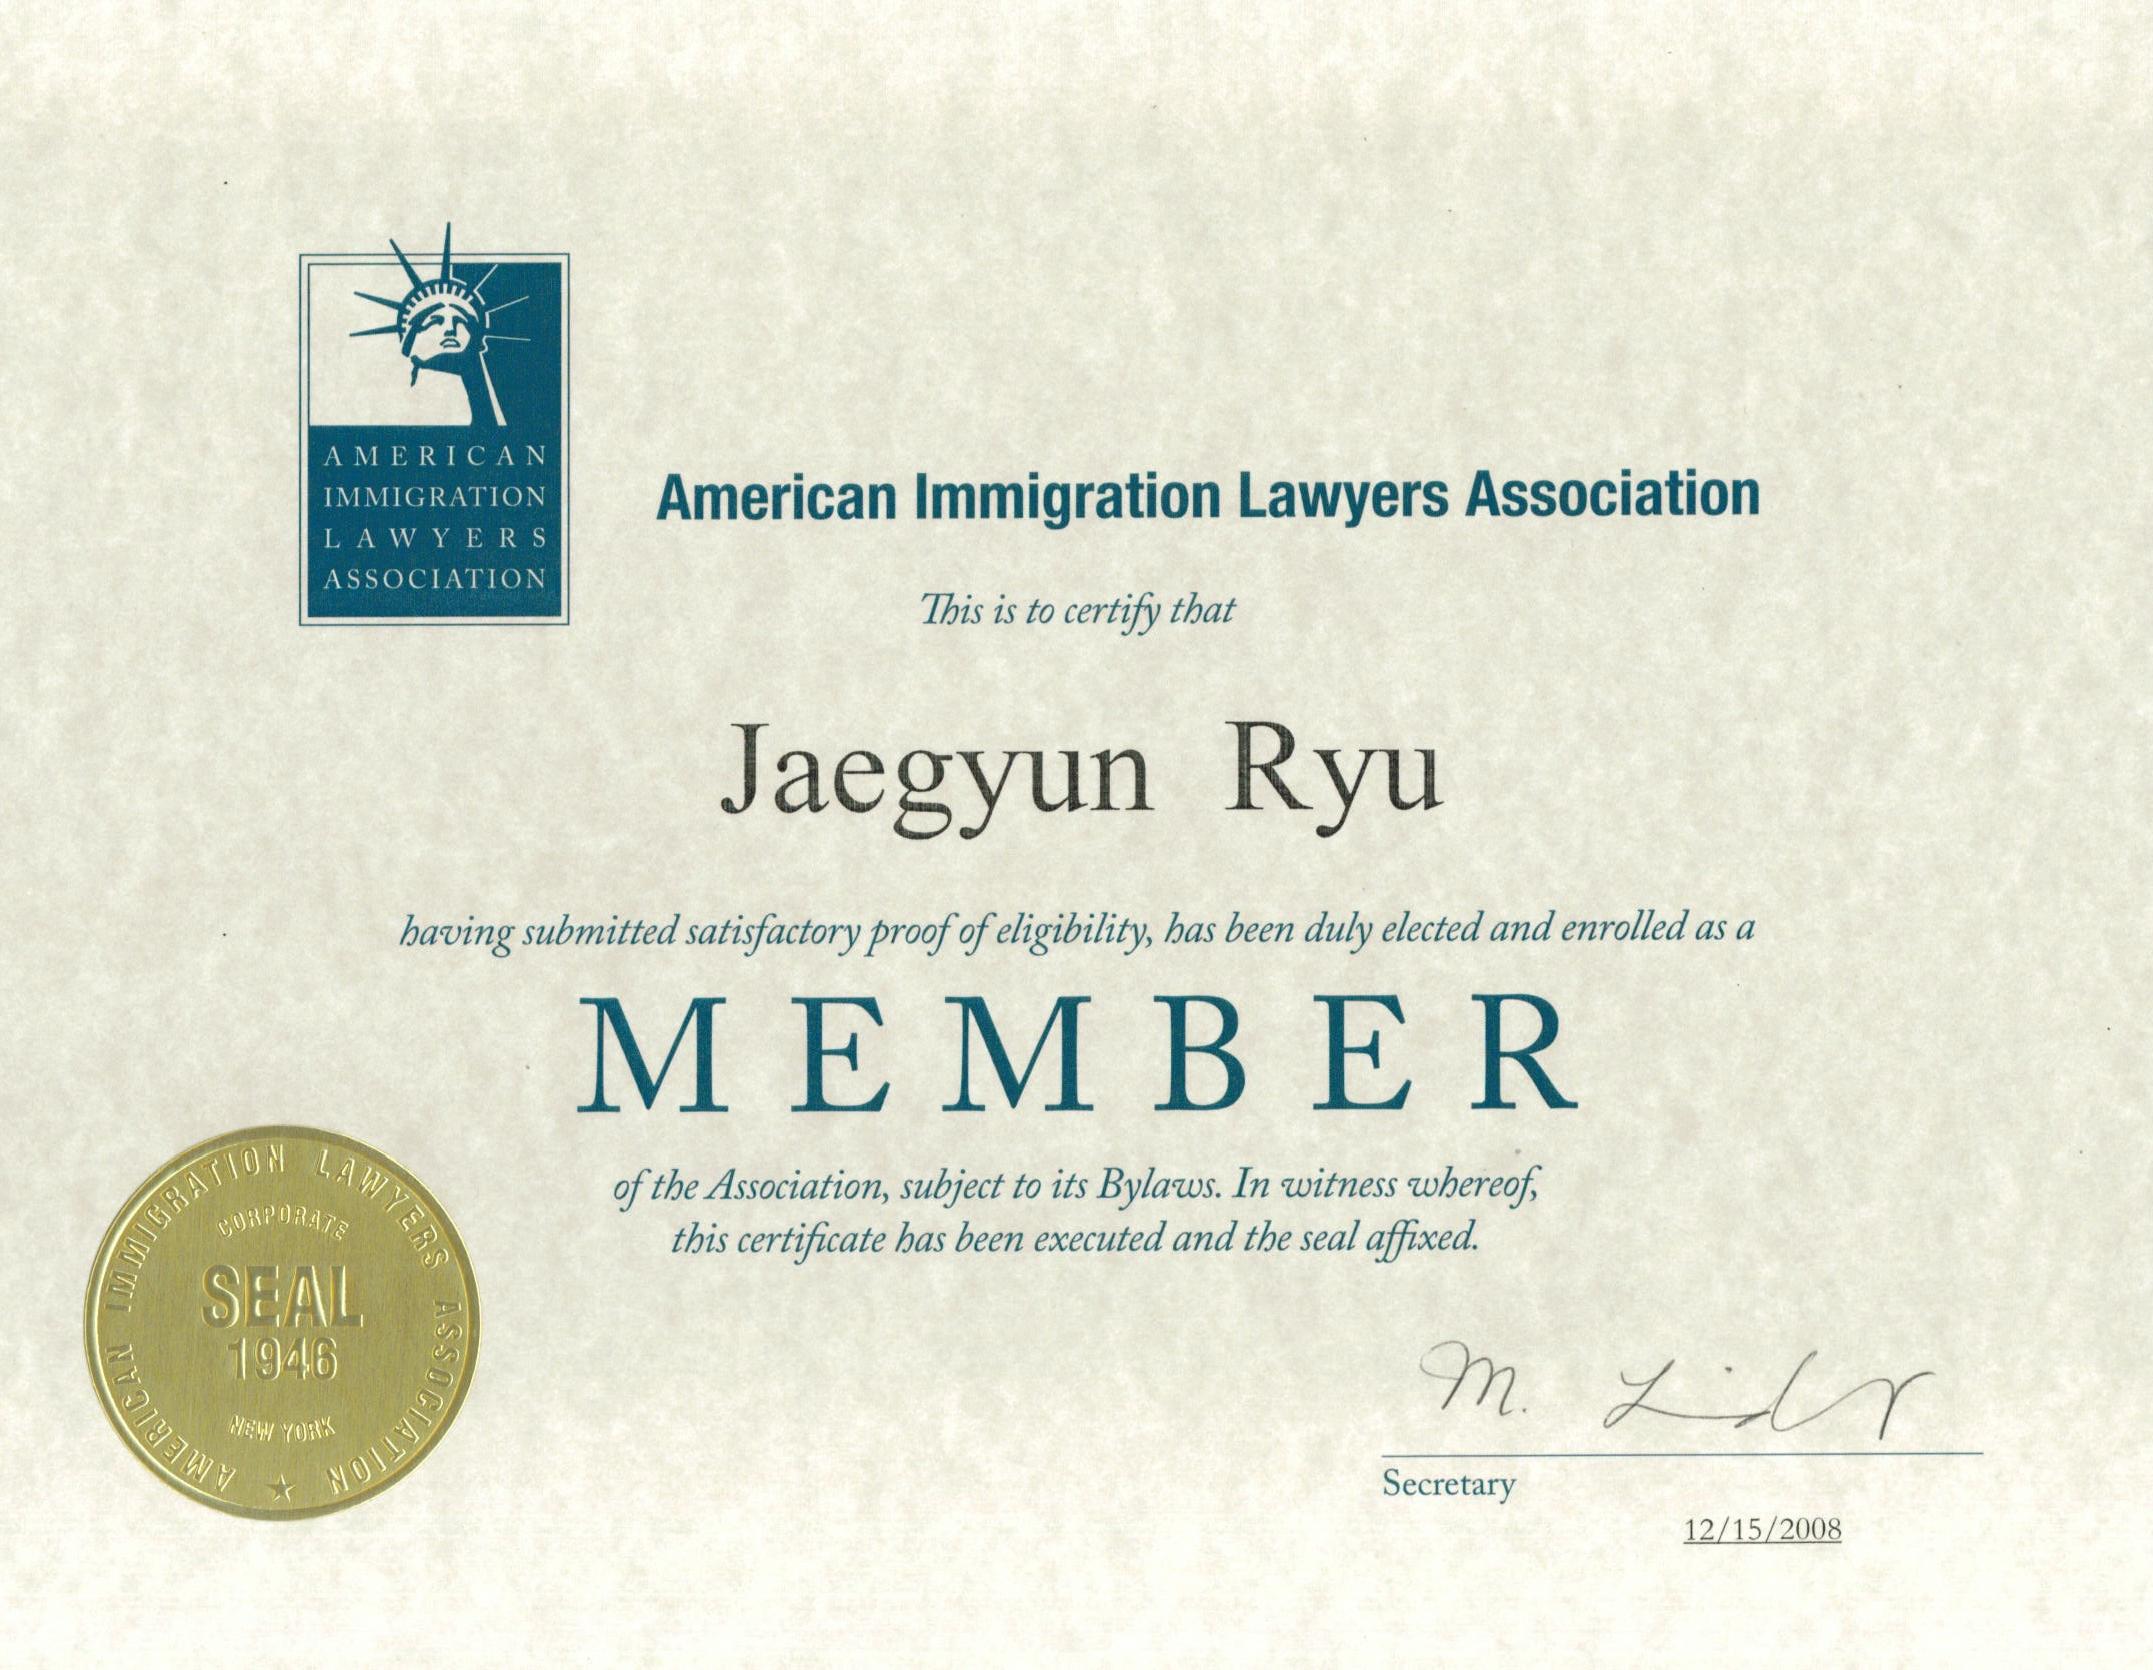 류재균 변호사 이민 변호사 협회 멤버쉽